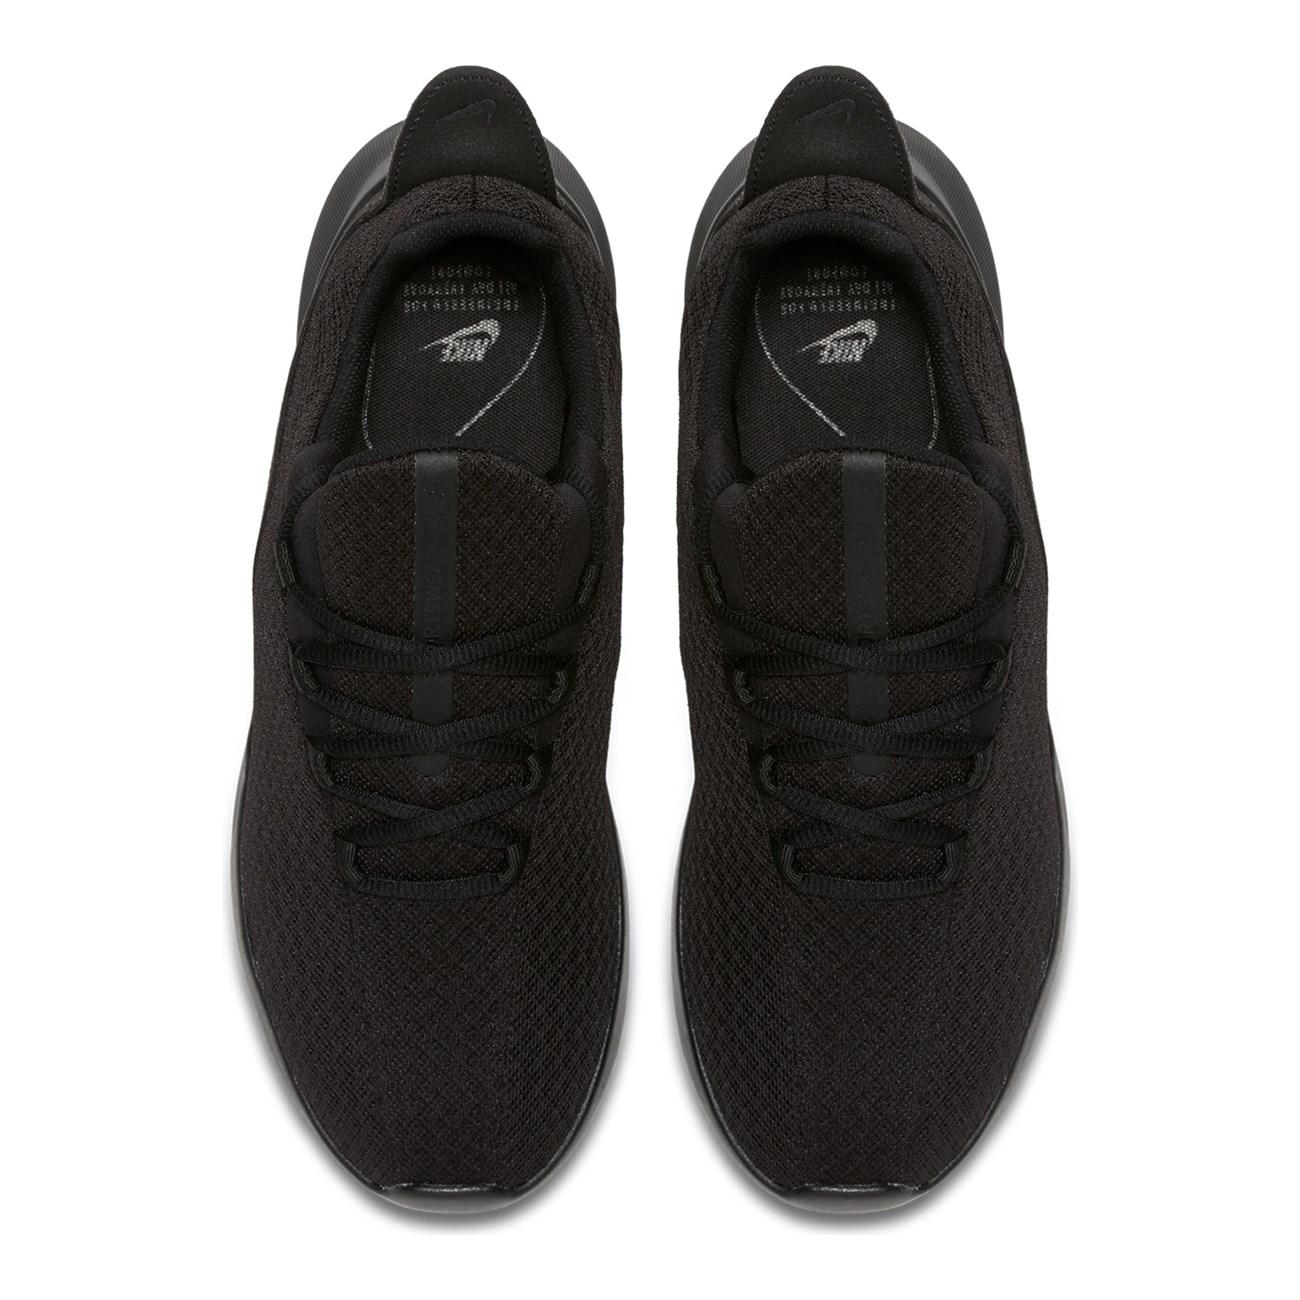 737688579ff NIKE VIALE < Nike Viale | INTERSPORT